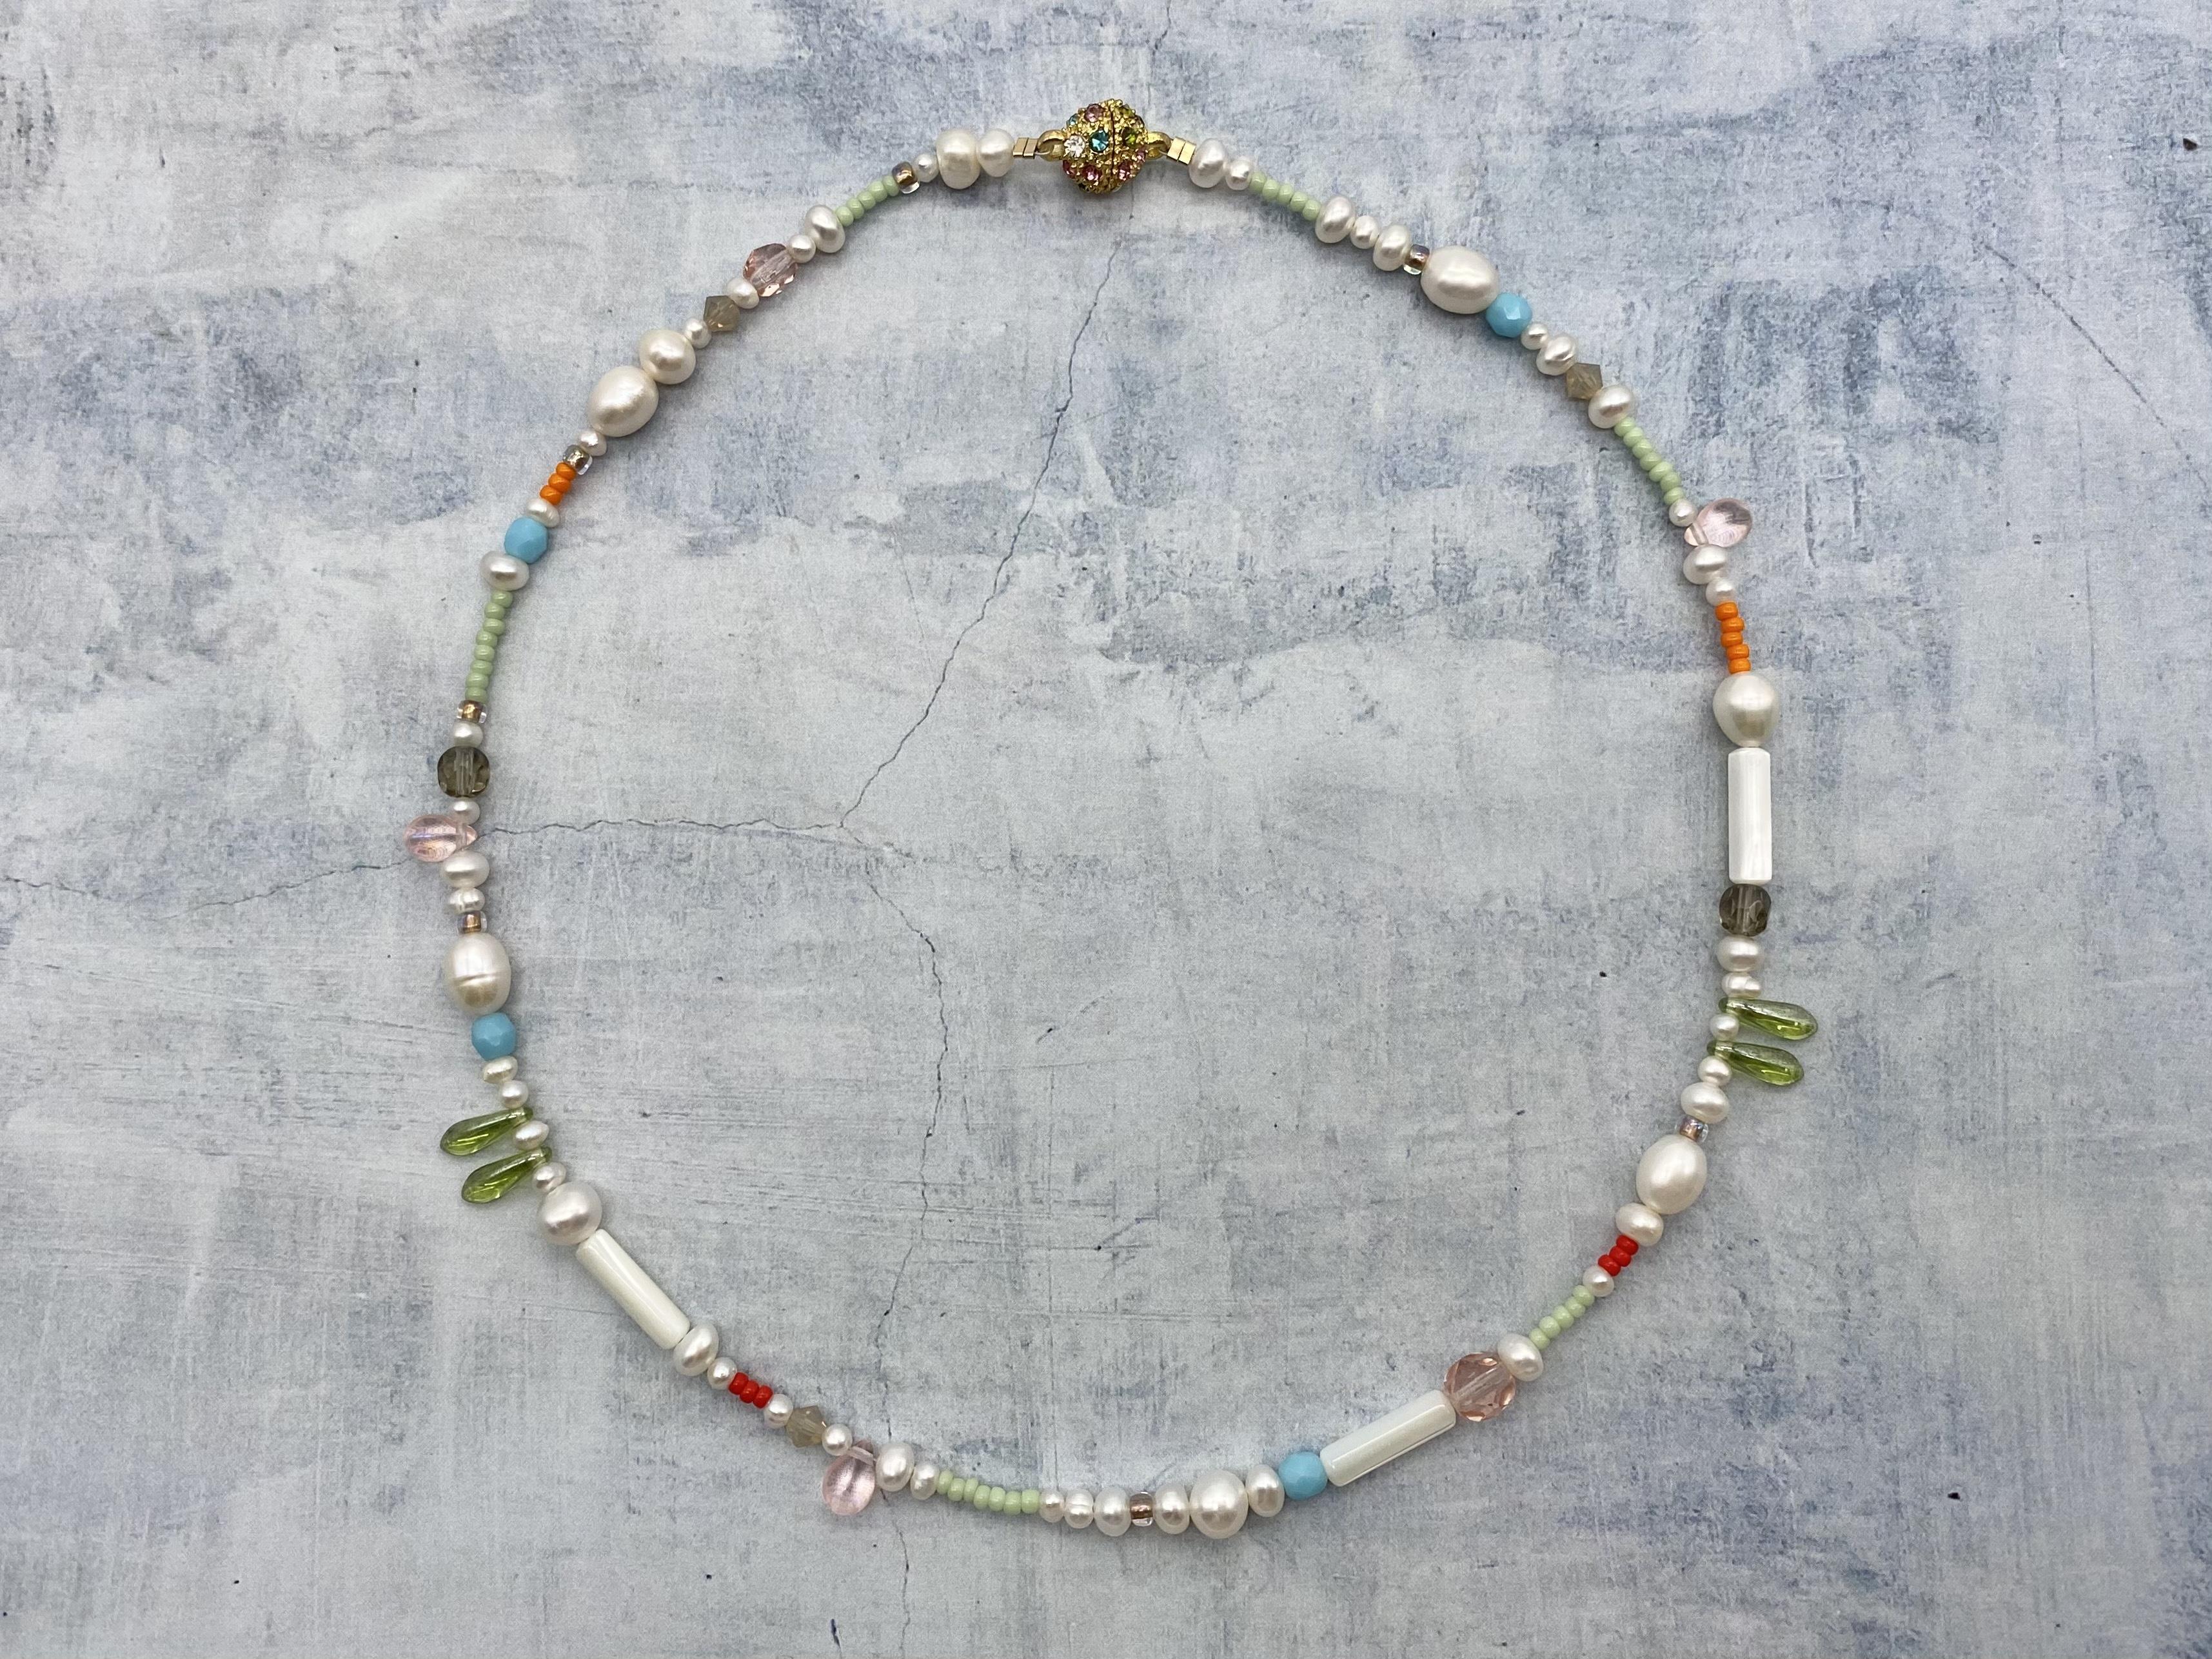 Utopia necklace ー J01 ー